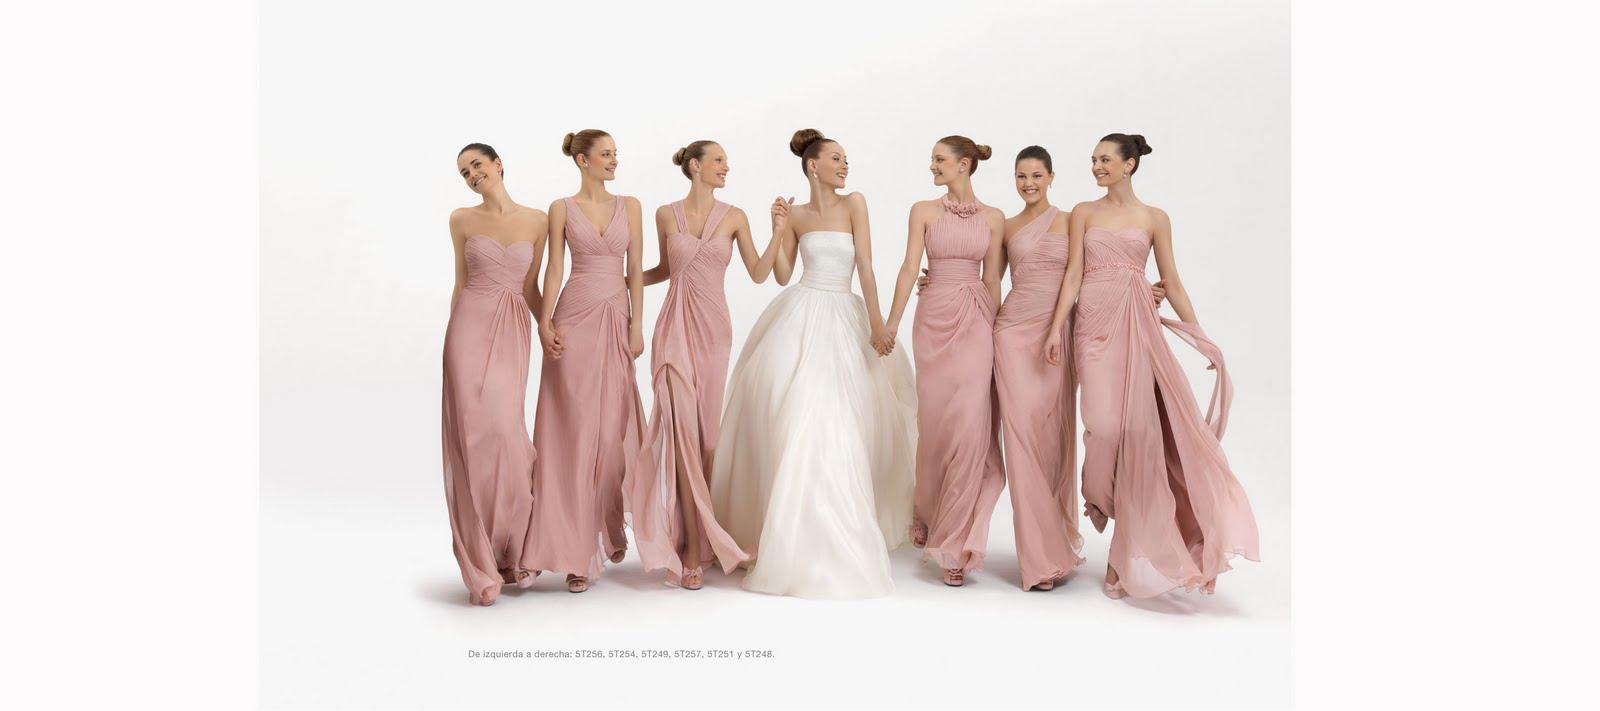 Vestidos para damas de honor 2012 | Bodas